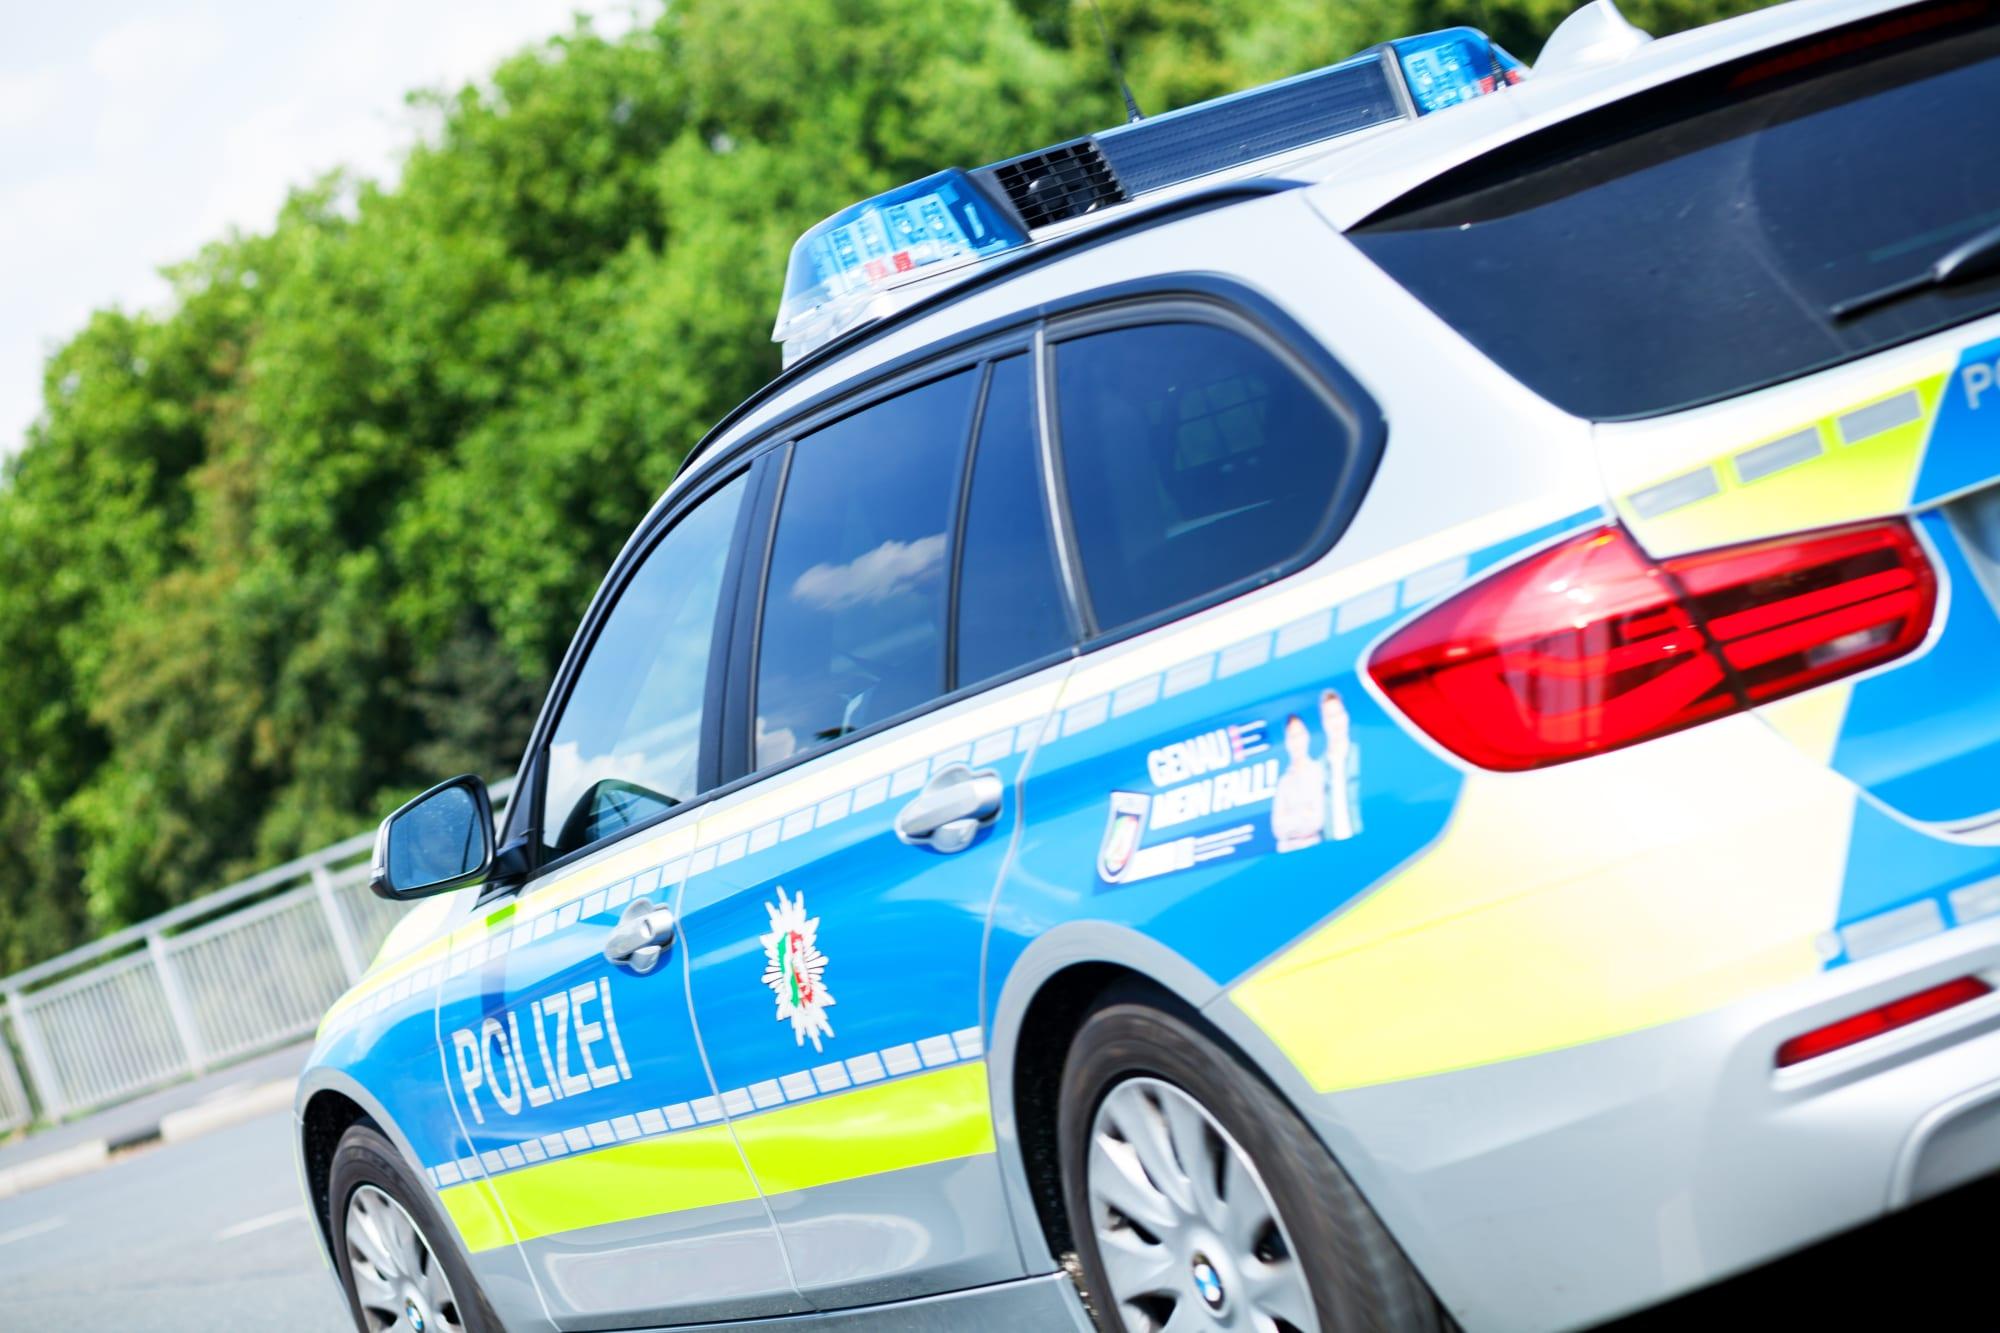 Passing German police car